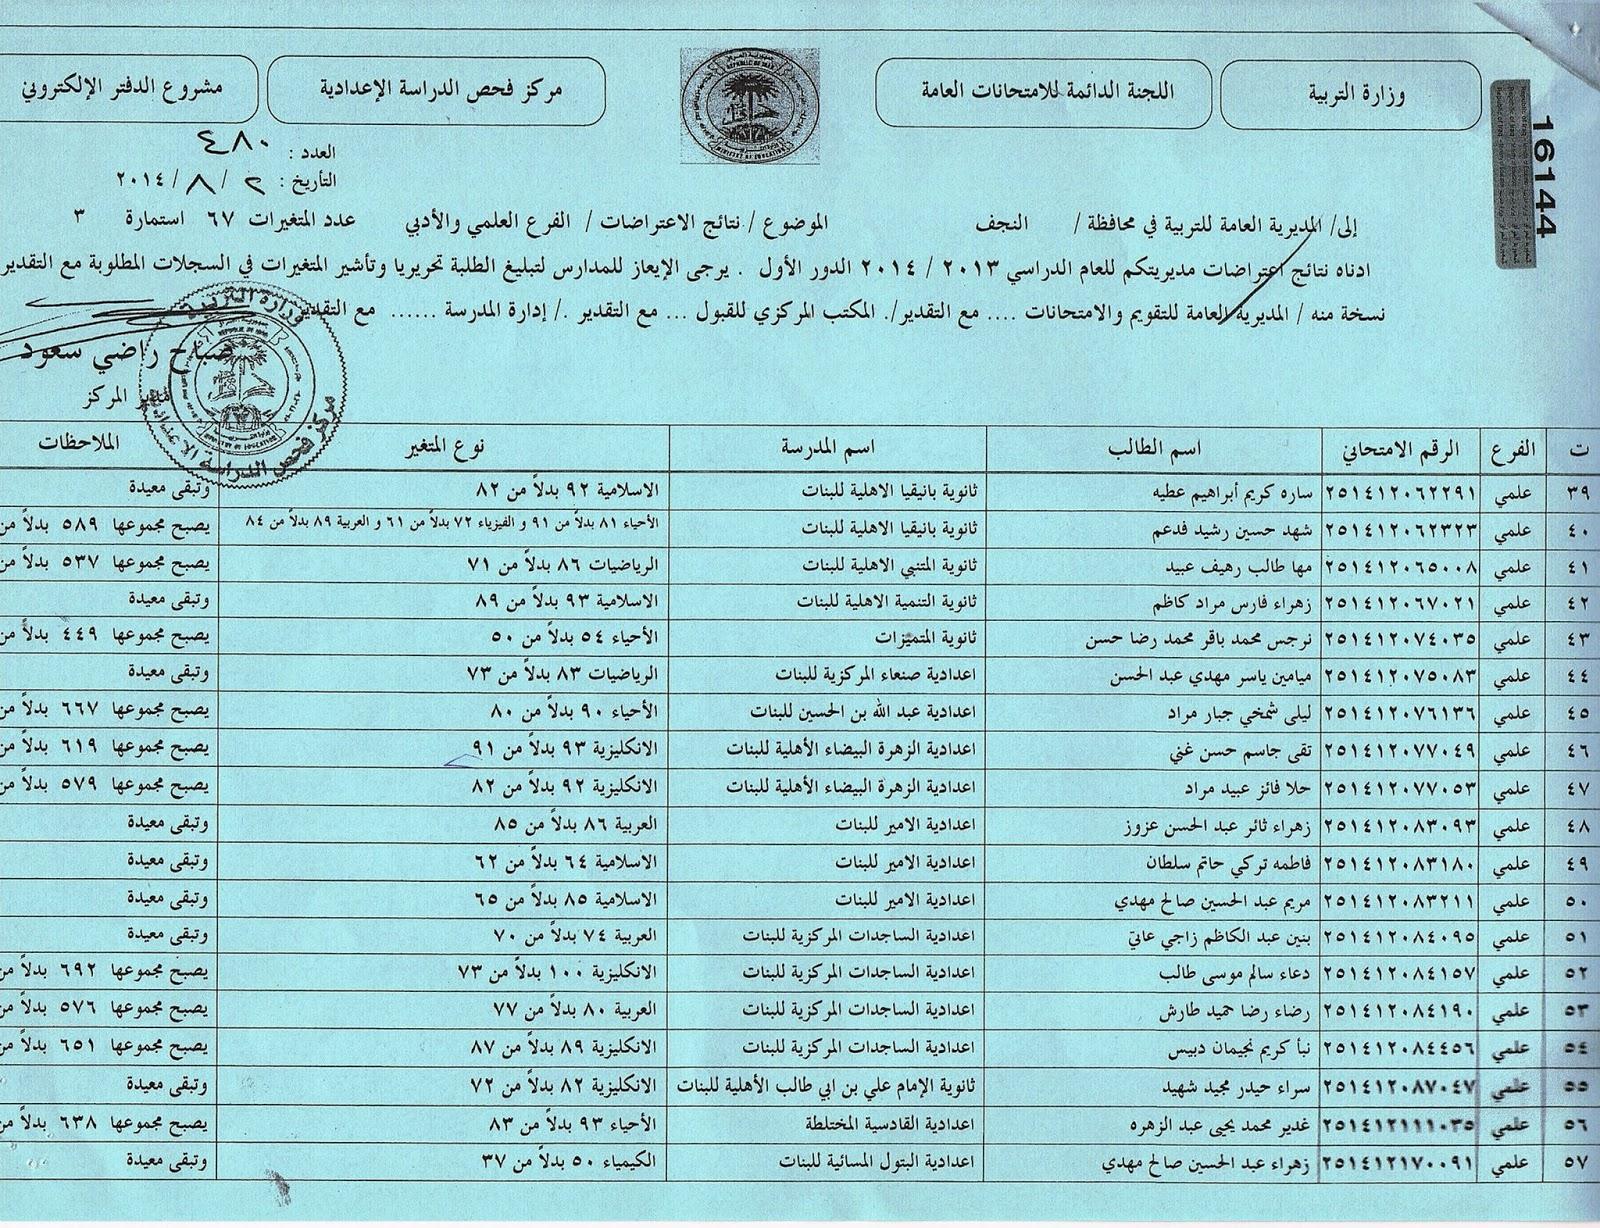 نتائج اعتراضات محافظة النجف السادس العلمي و الادبي 2014  10505057_275167806003290_2777863678811623690_o